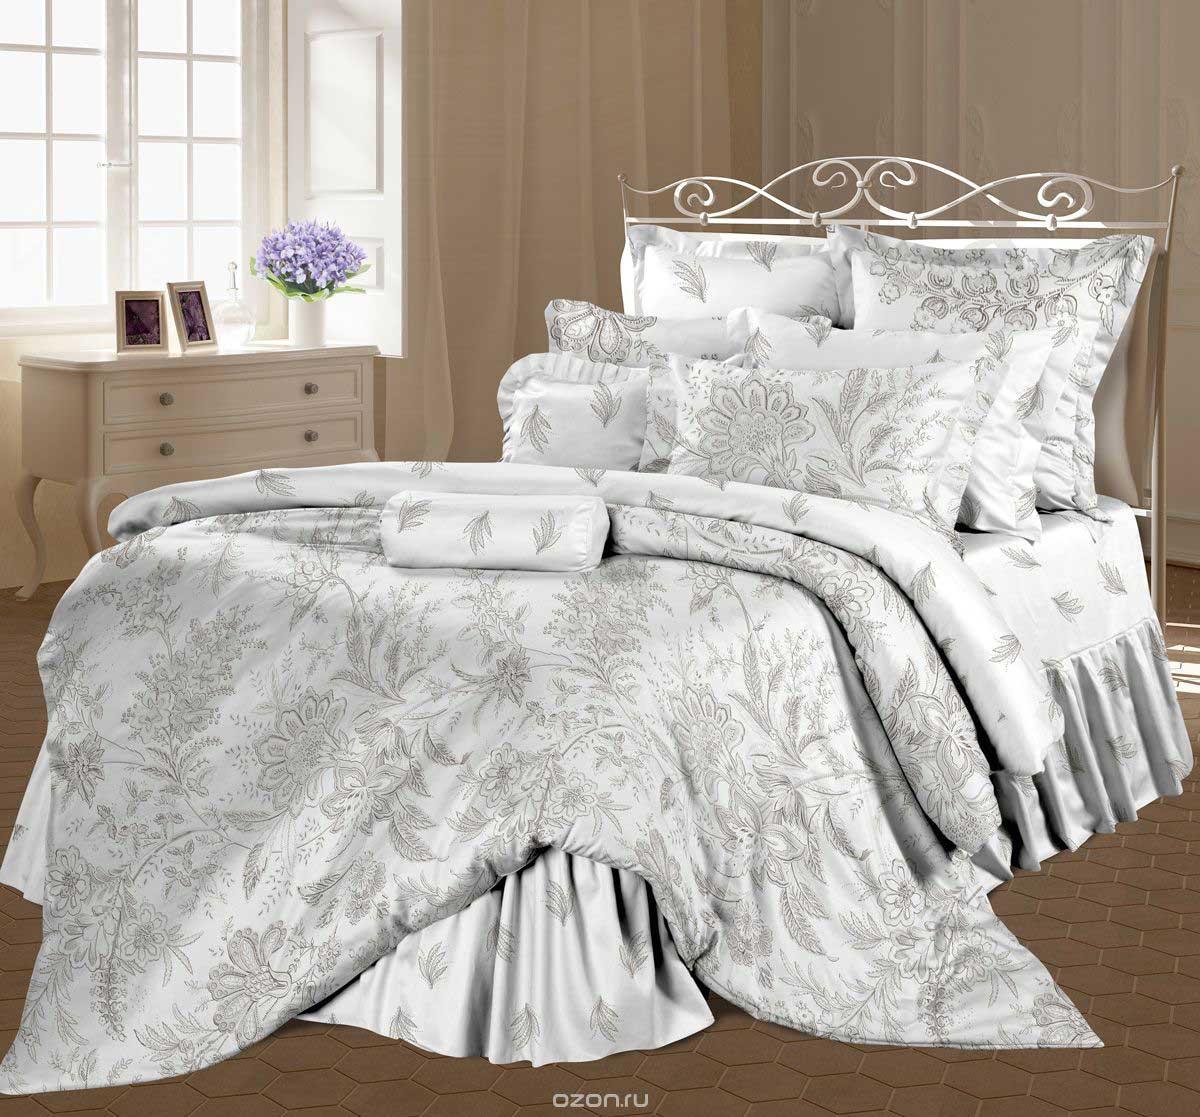 Комплект постельного белья Унисон Ирландское кружево, 1,5-спальный, наволочки 70х70